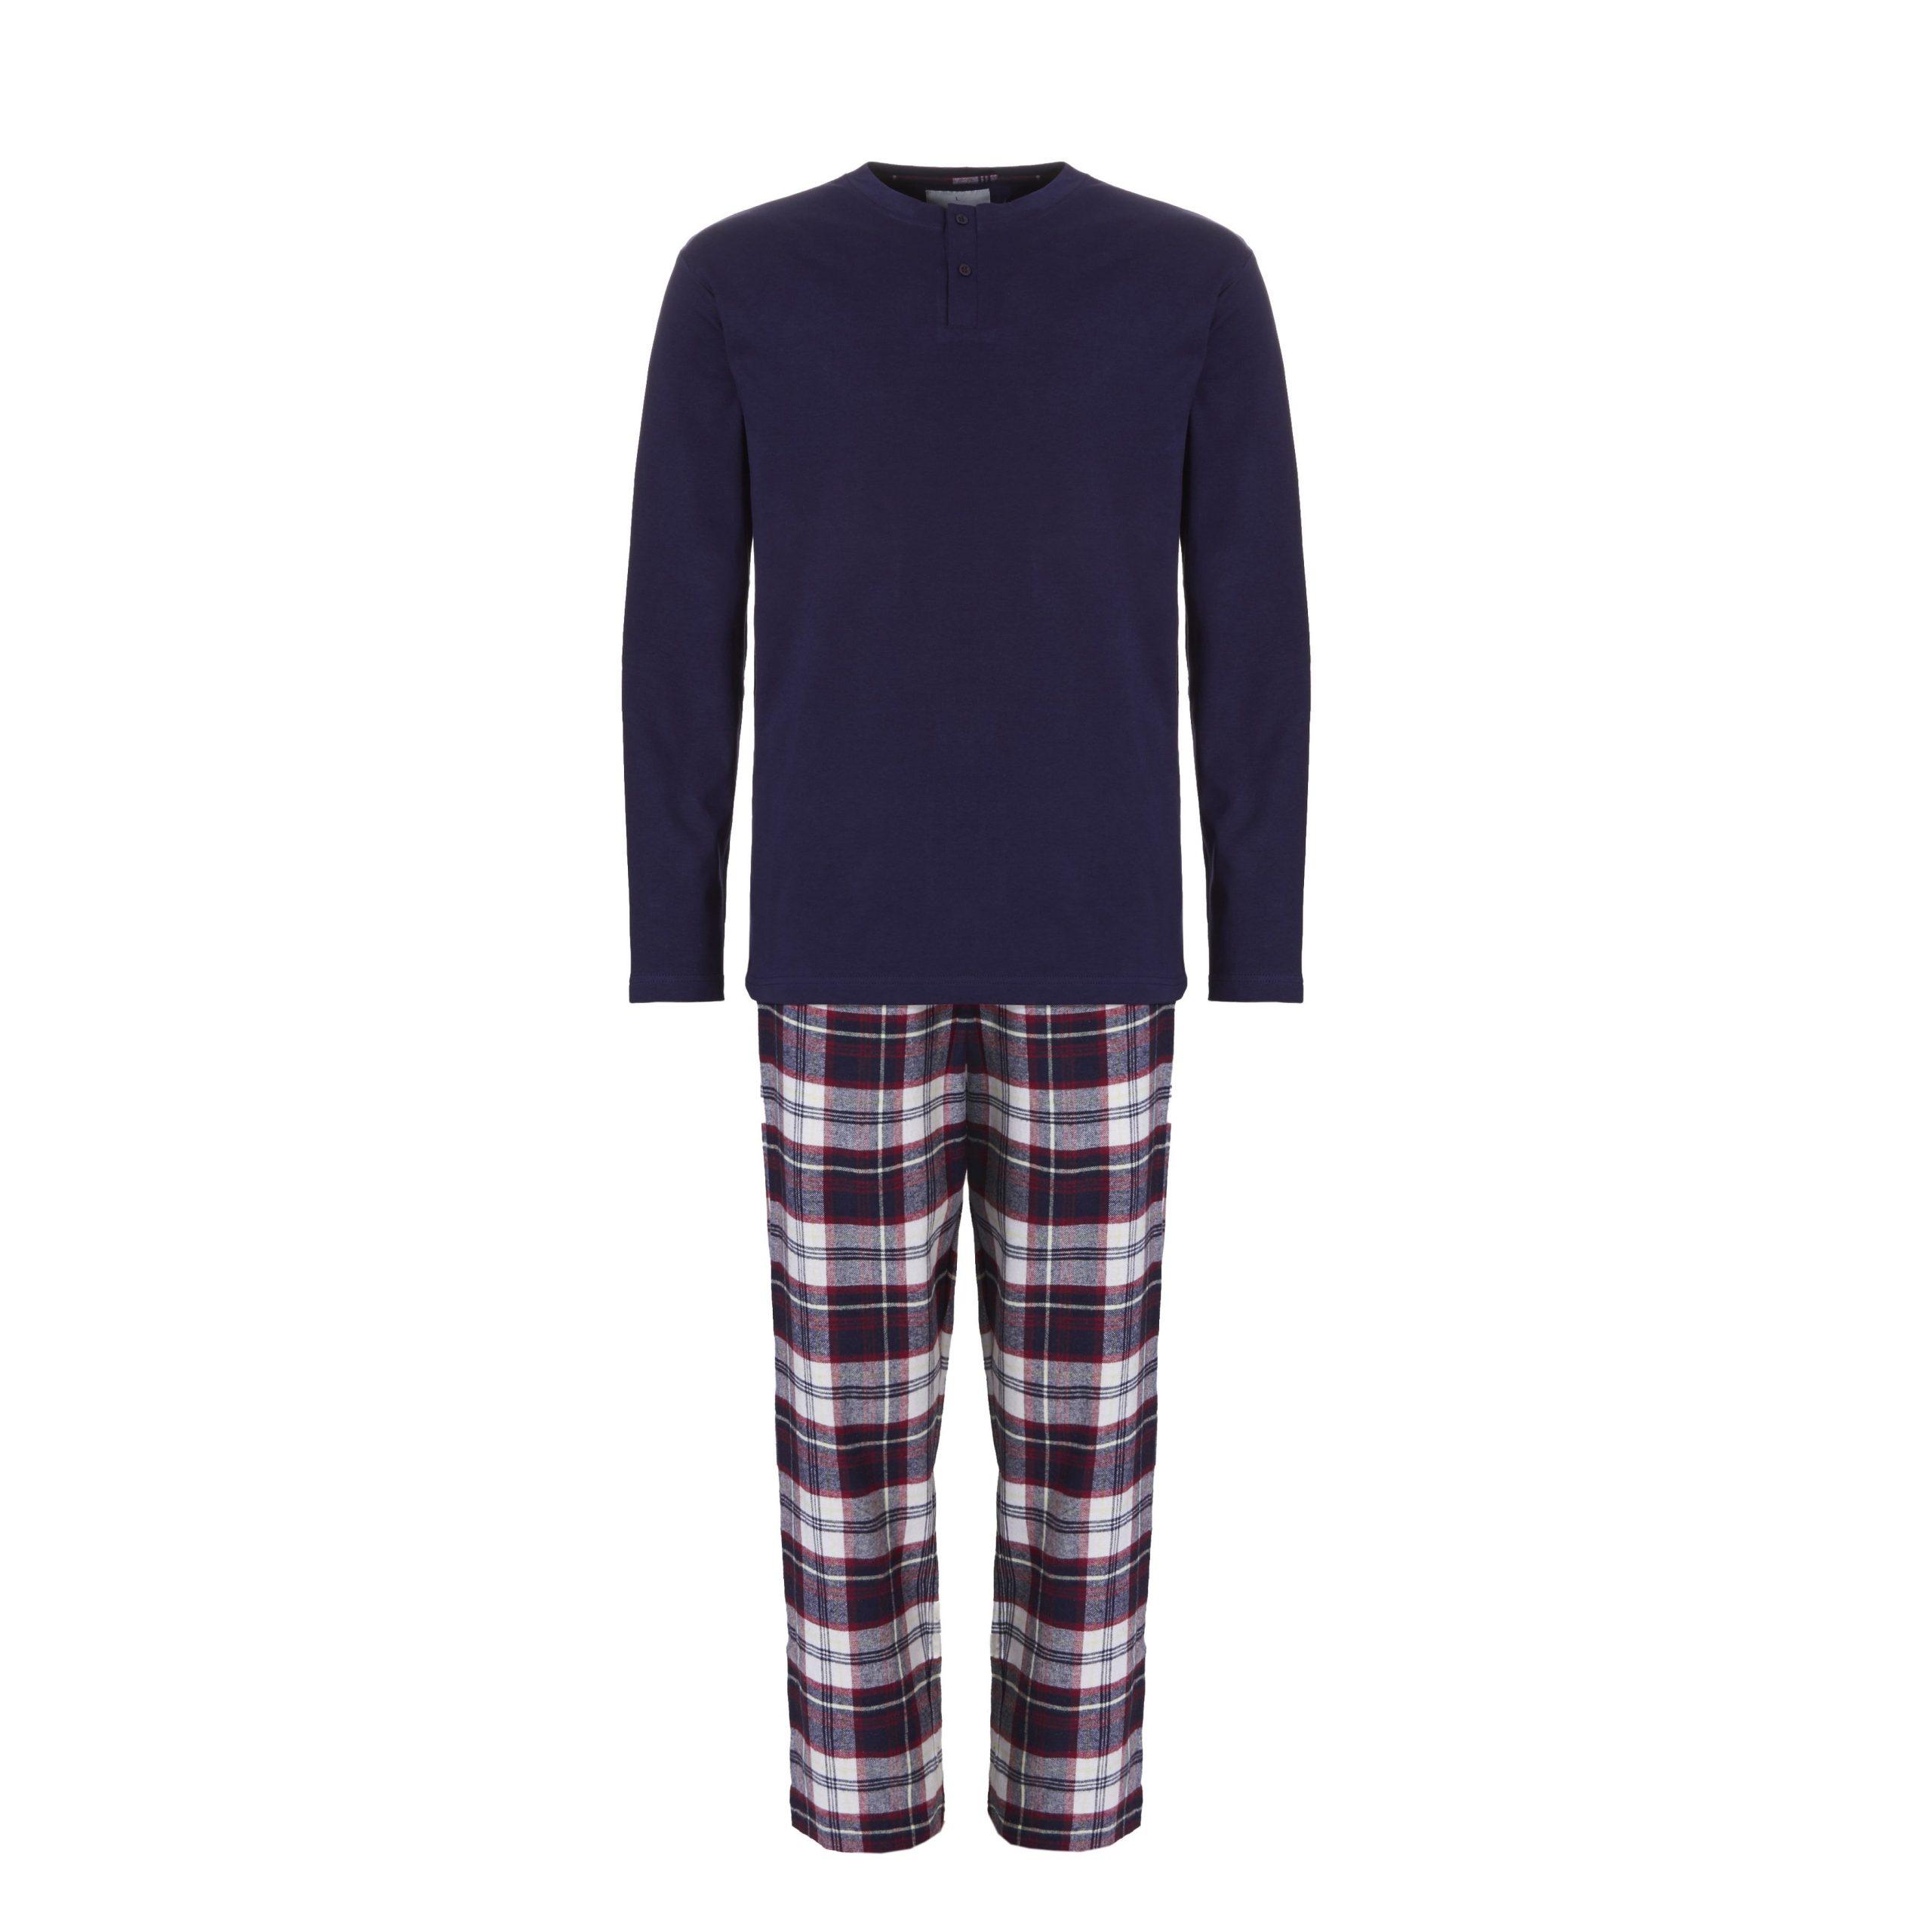 Ten Cate Heren Pyjama Donkerblauw